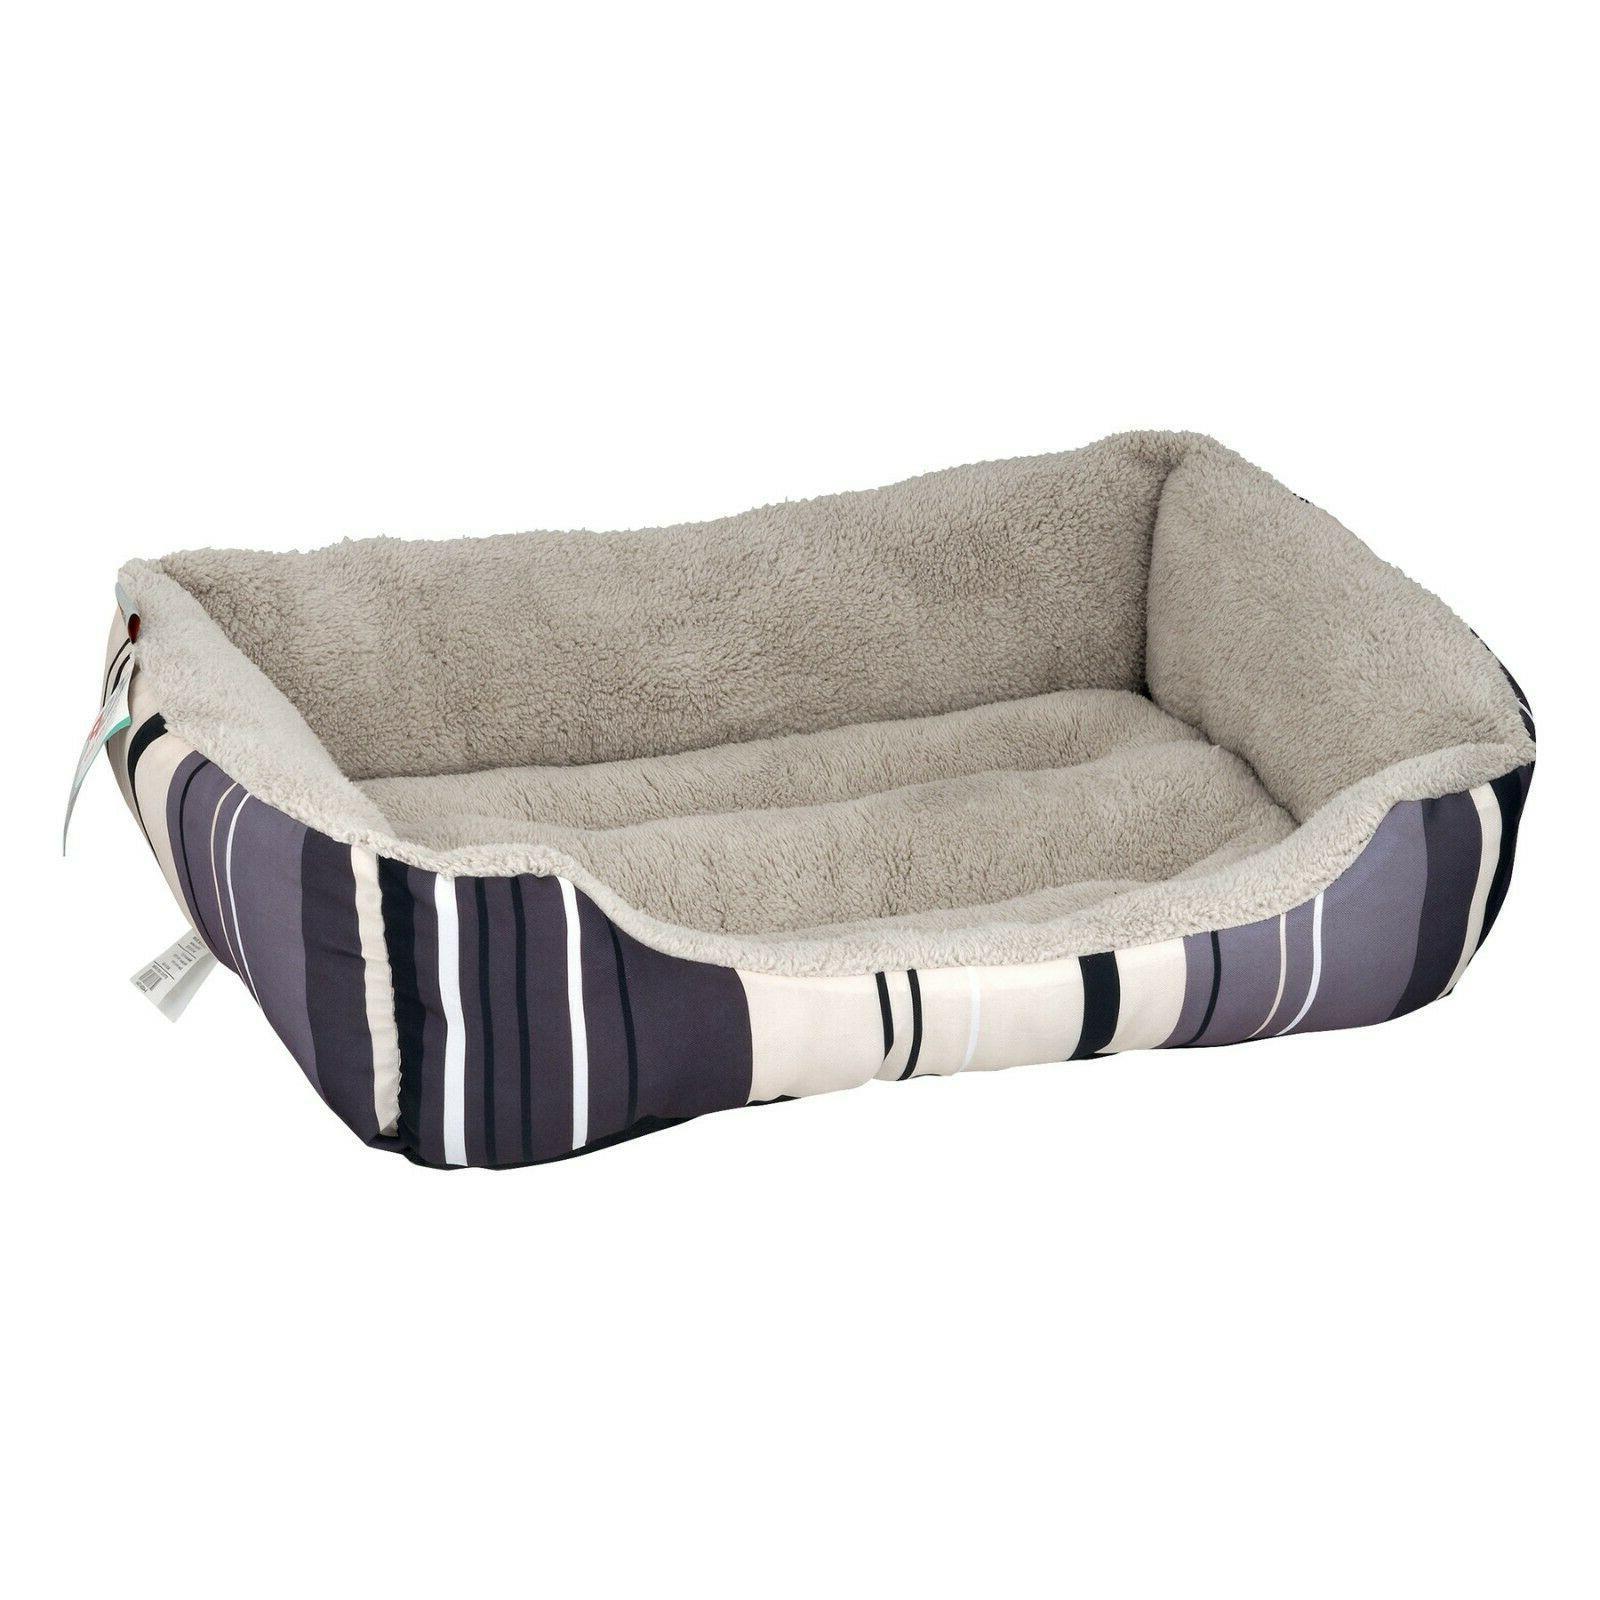 ASPCA Striped Cuddler & Bed, Medium, Gray